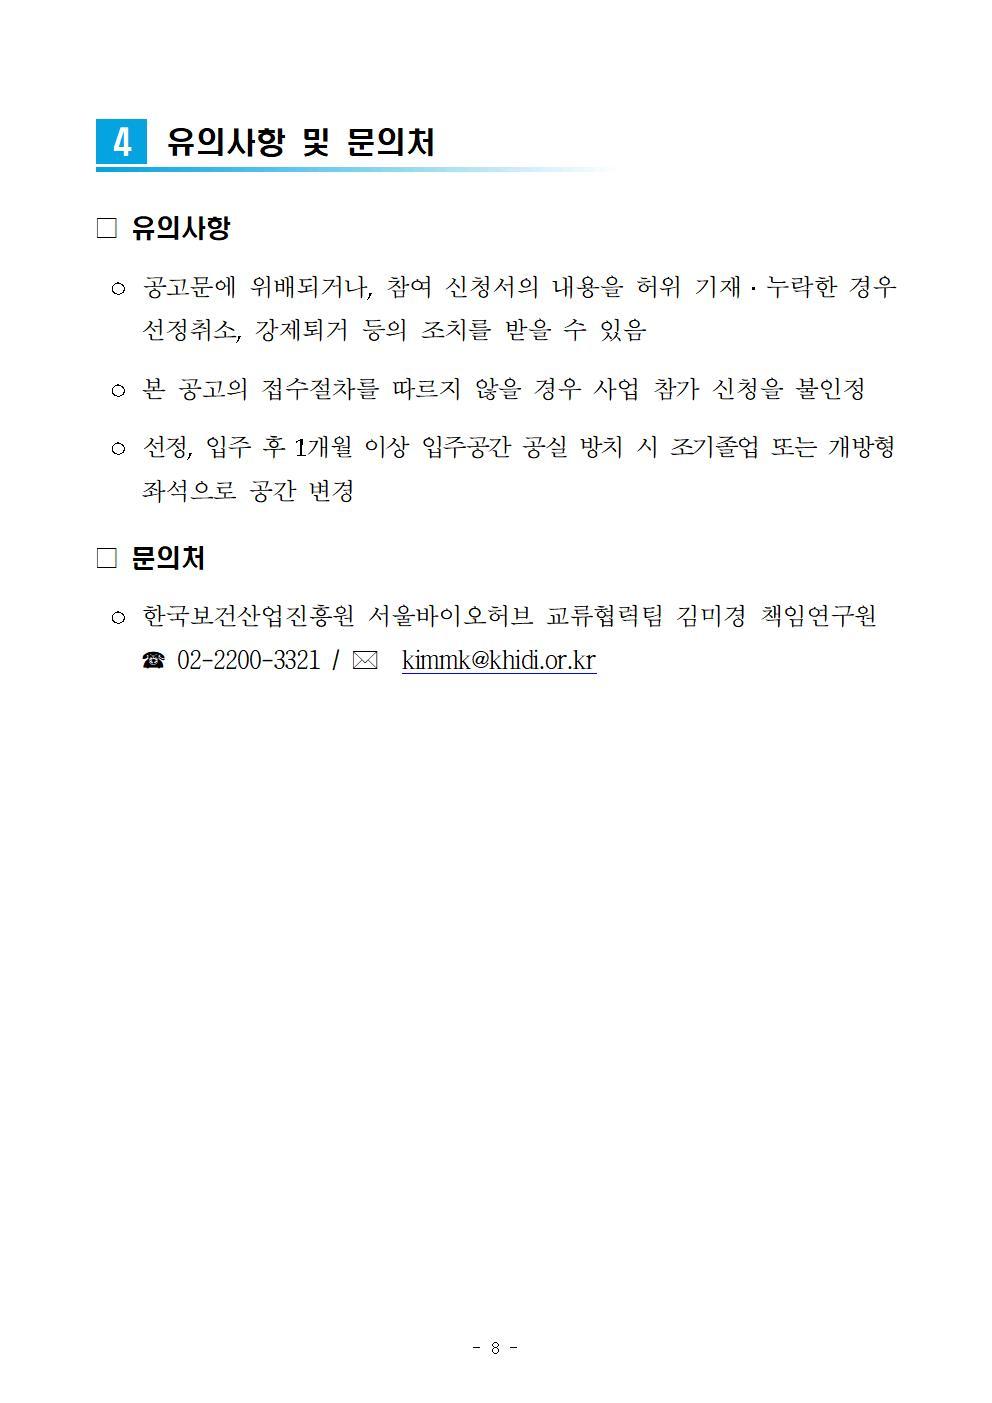 2019년 서울바이오허브 혁신 창업기업 모집 공고_final008